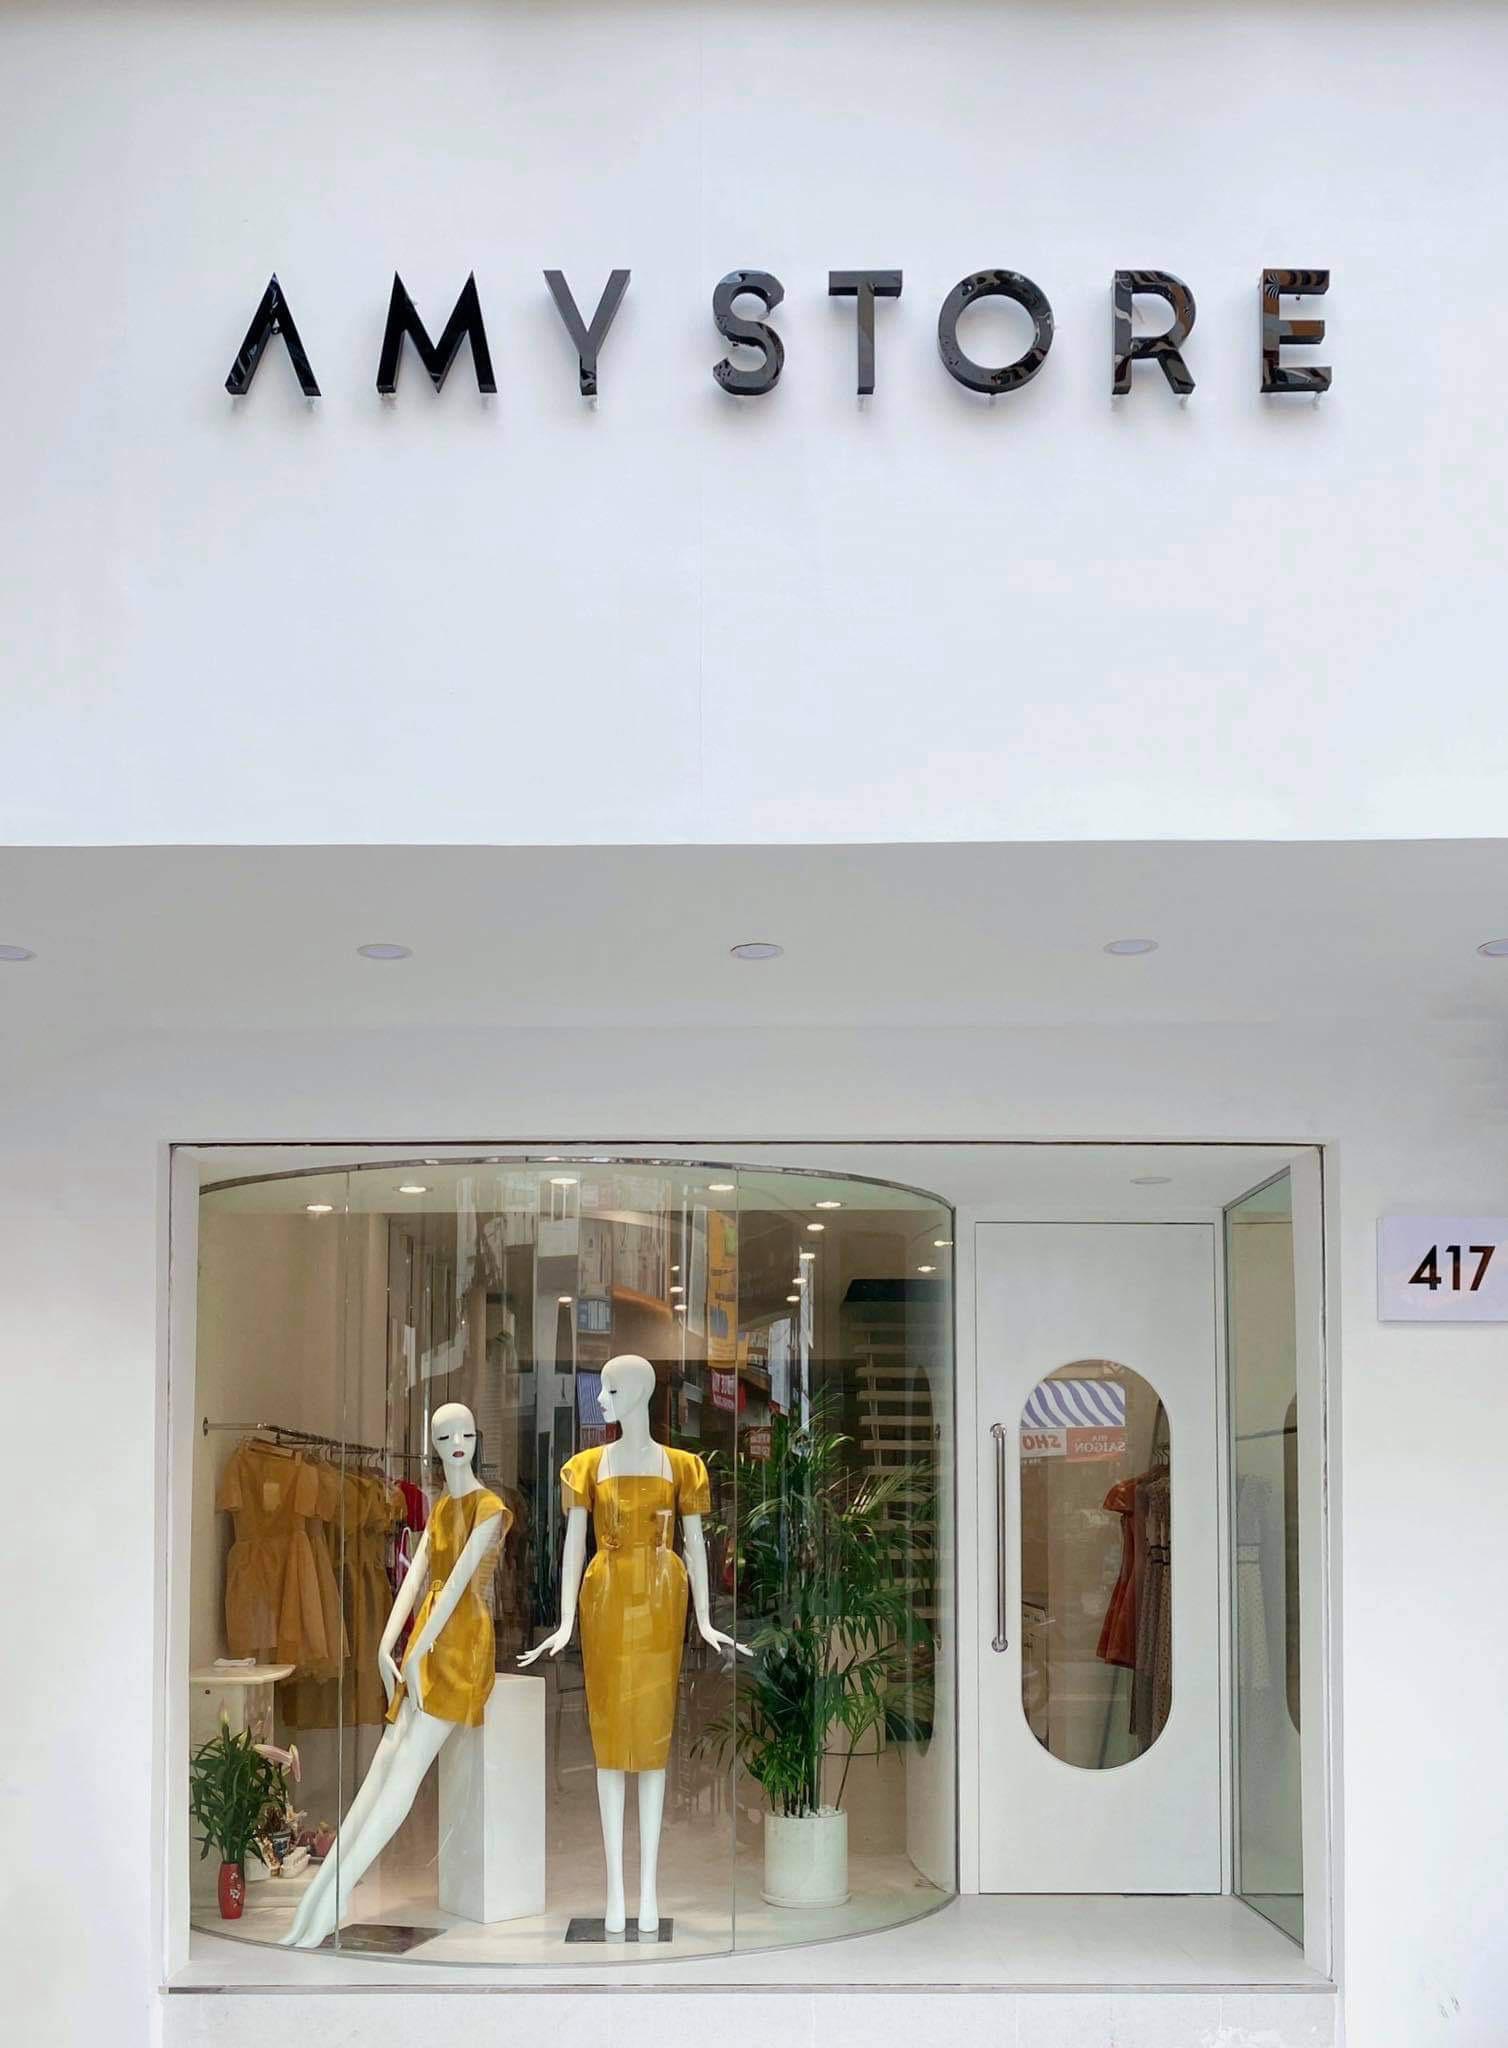 Amy Store - Thiết kế độc nhất tự hào mang lại vẻ đẹp Việt - Ảnh 1.